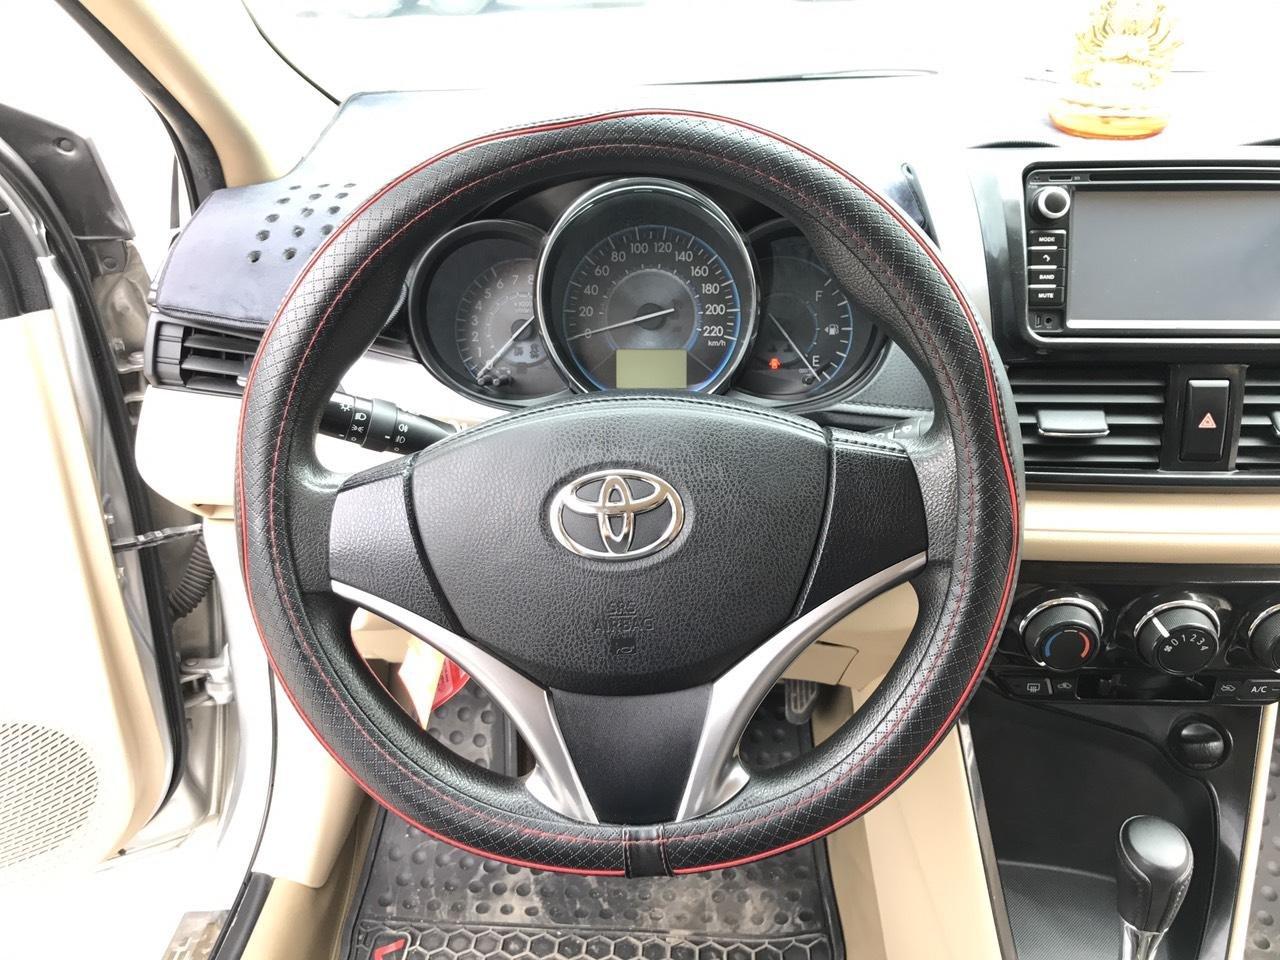 Bán xe Toyota Vios 1.5E CVT 2017, màu bạc, 1 chủ không lỗi nhỏ, xe mới cứng (6)